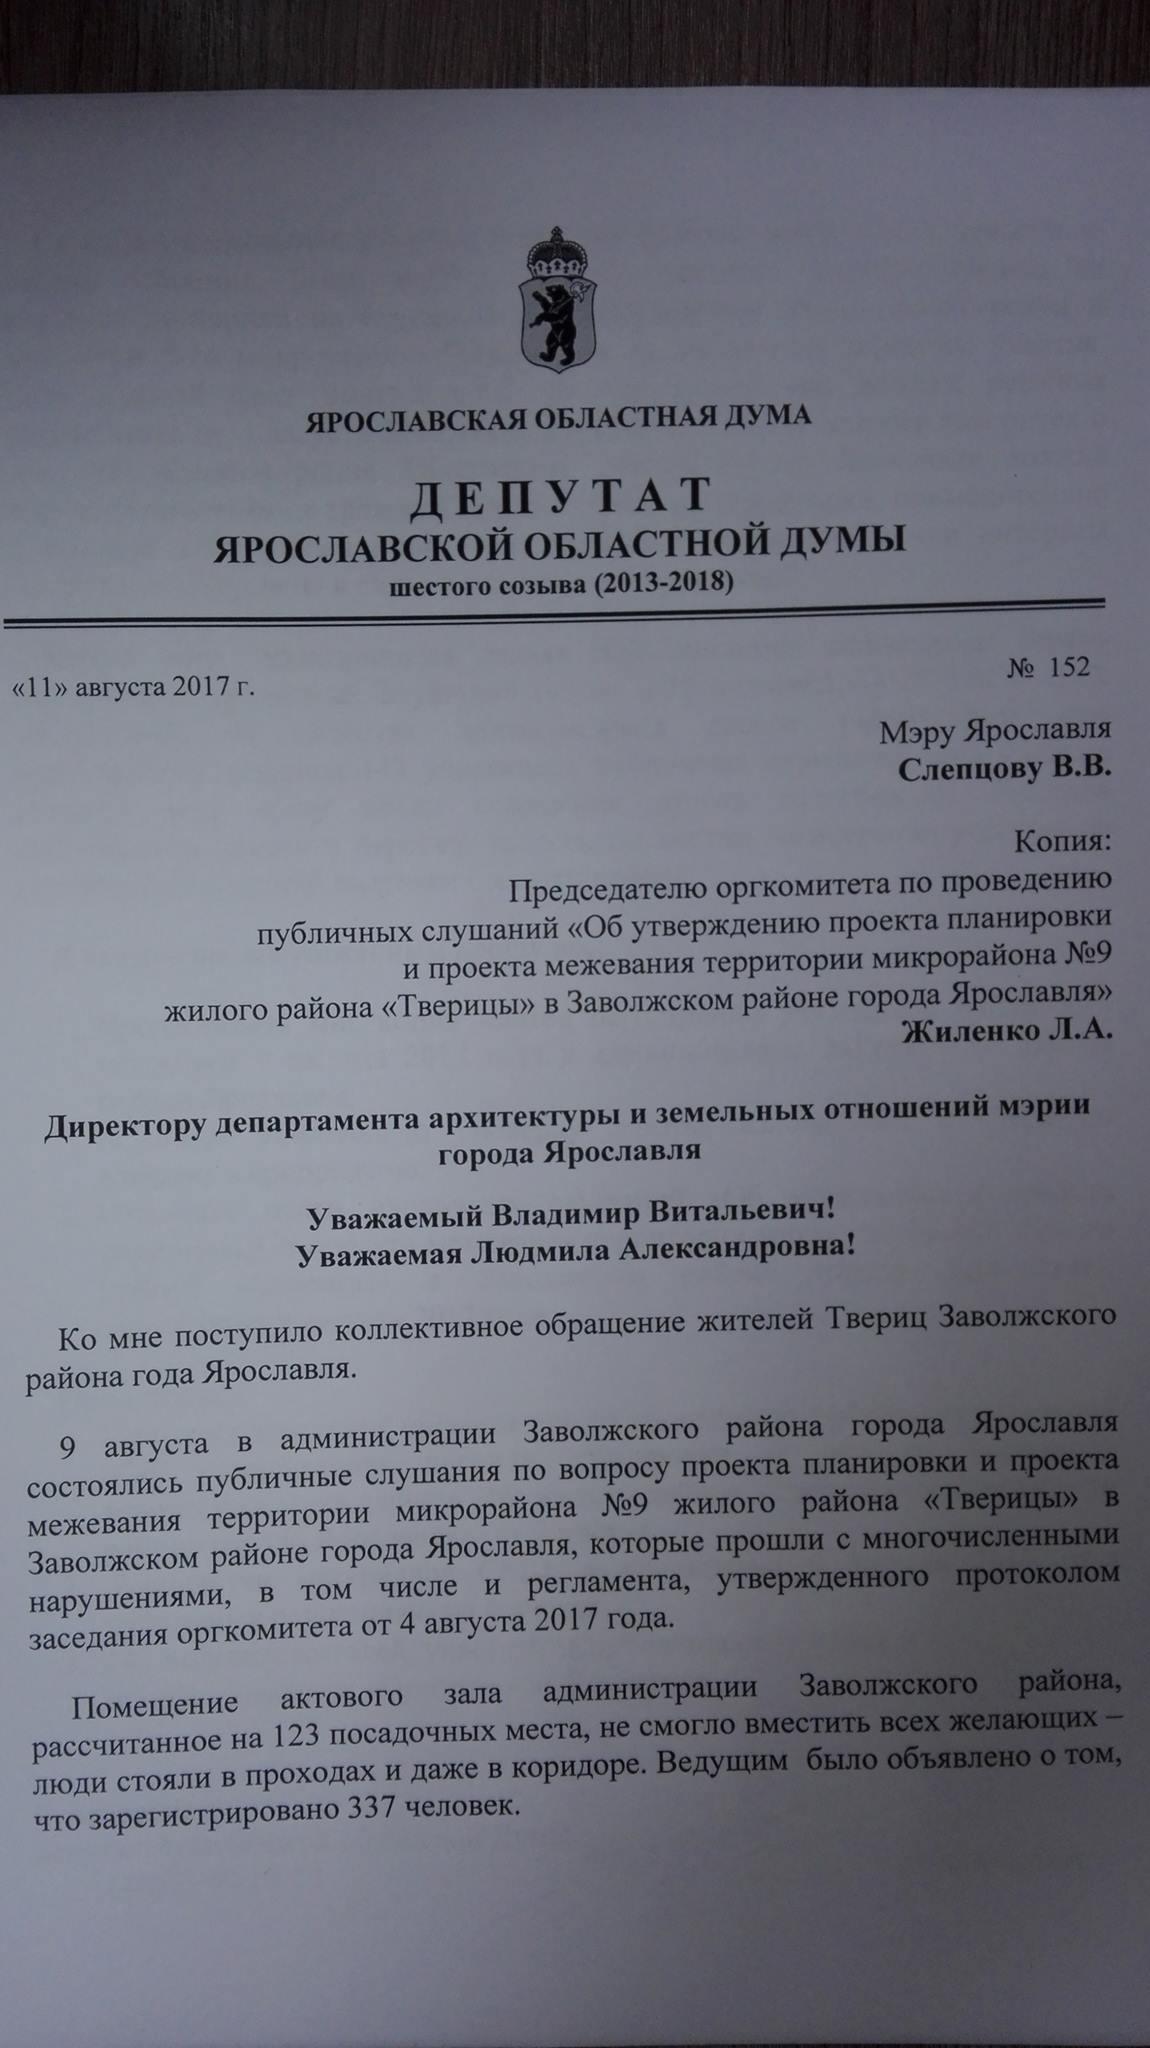 Эльхан Мардалиев подал запрос на предмет фальсификации публичных слушаний